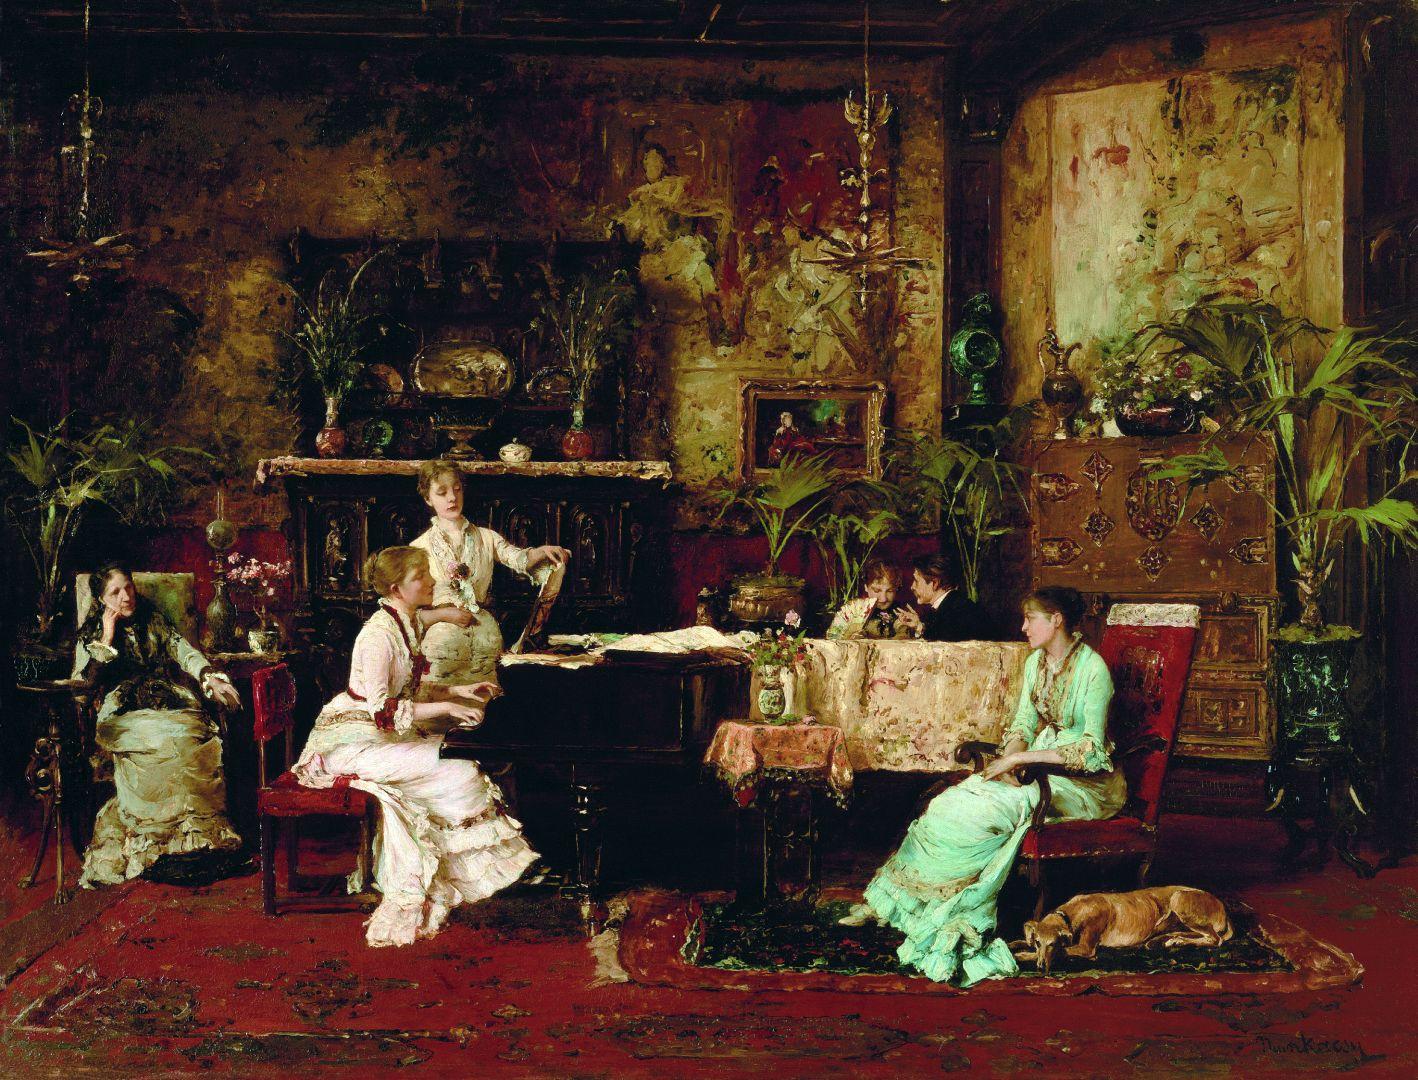 """""""A klavir mellett ülnek s ábrándoznak"""" – Polgár és zongorája a 19. században"""